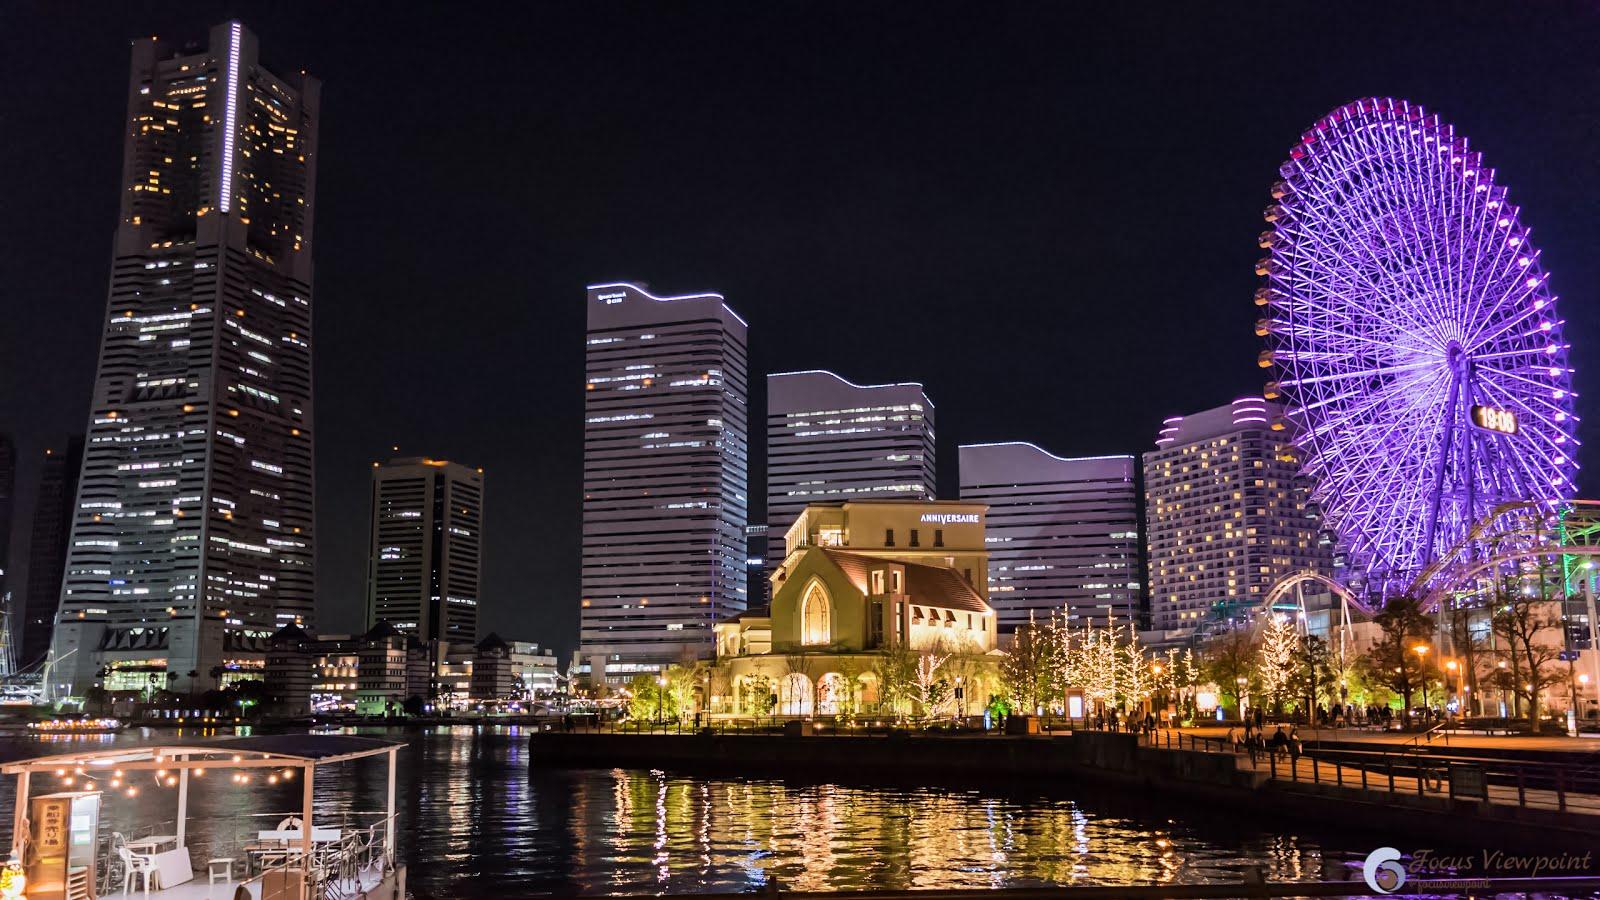 Evening city lights at Minato Mirai, Yokohama, Japan